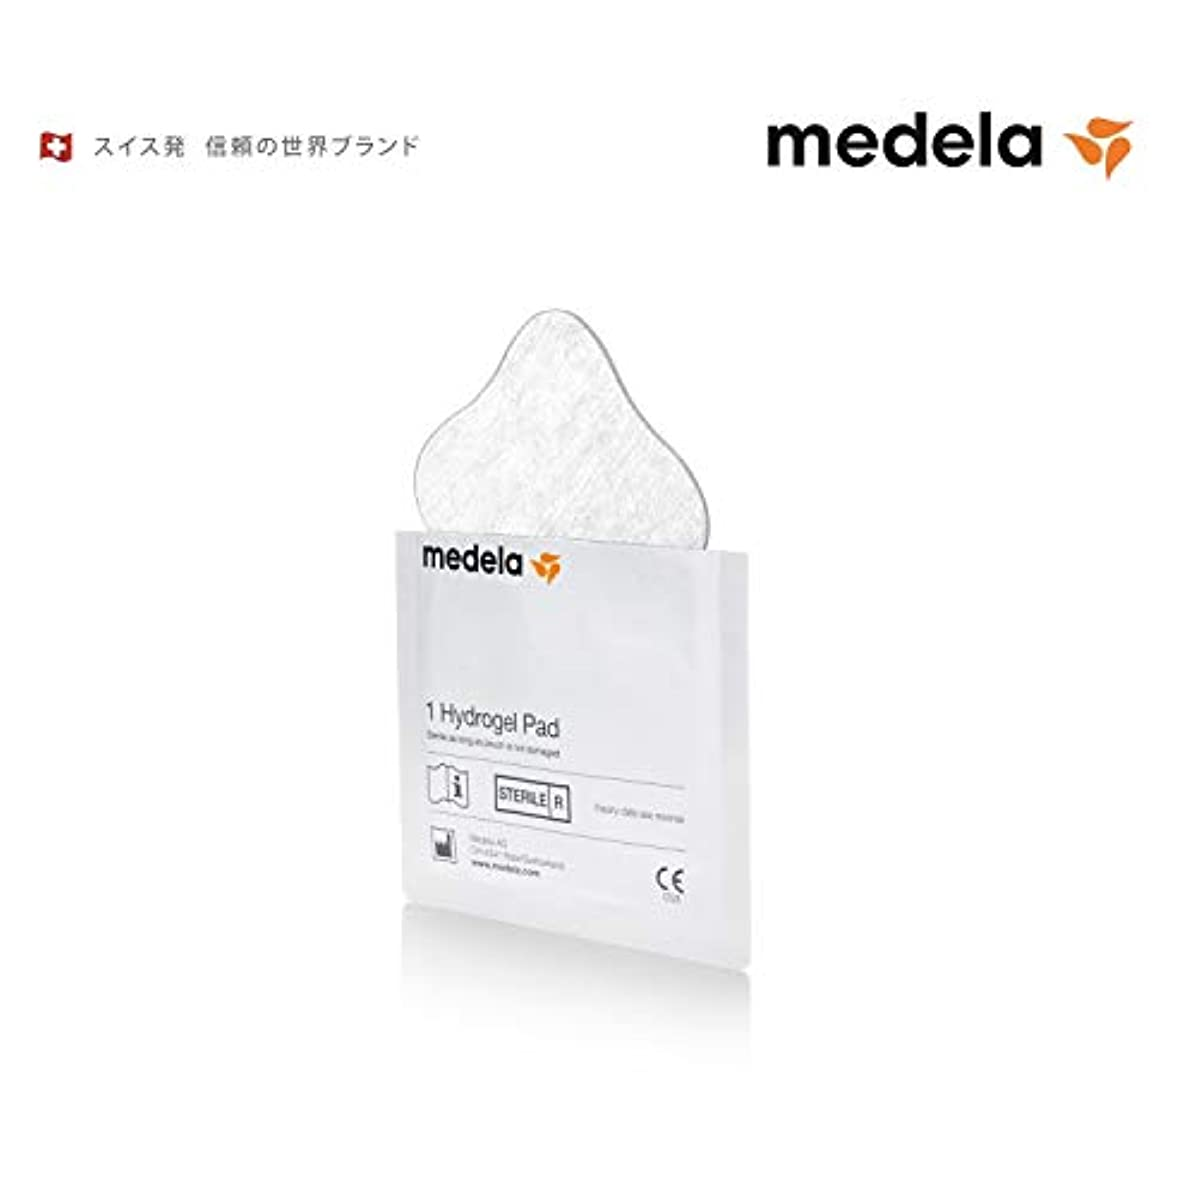 懸念区別ミルMedela メデラ ハイドロジェルパッド 4枚入り 乳頭の痛みの緩和に (008.0164)